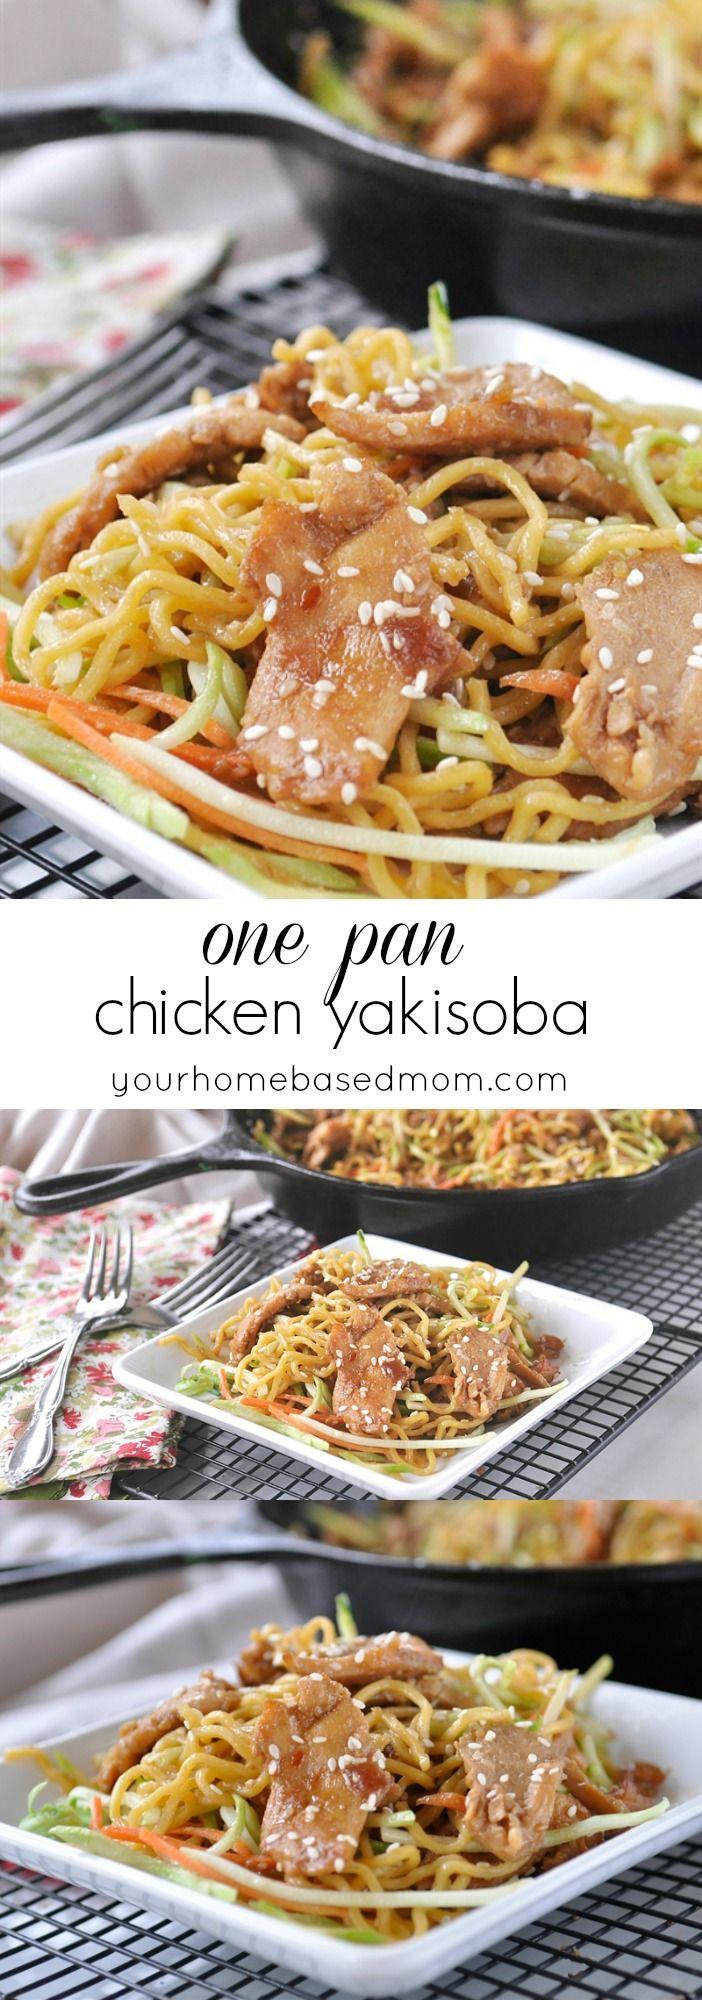 One Pan Chicken Yakisoba